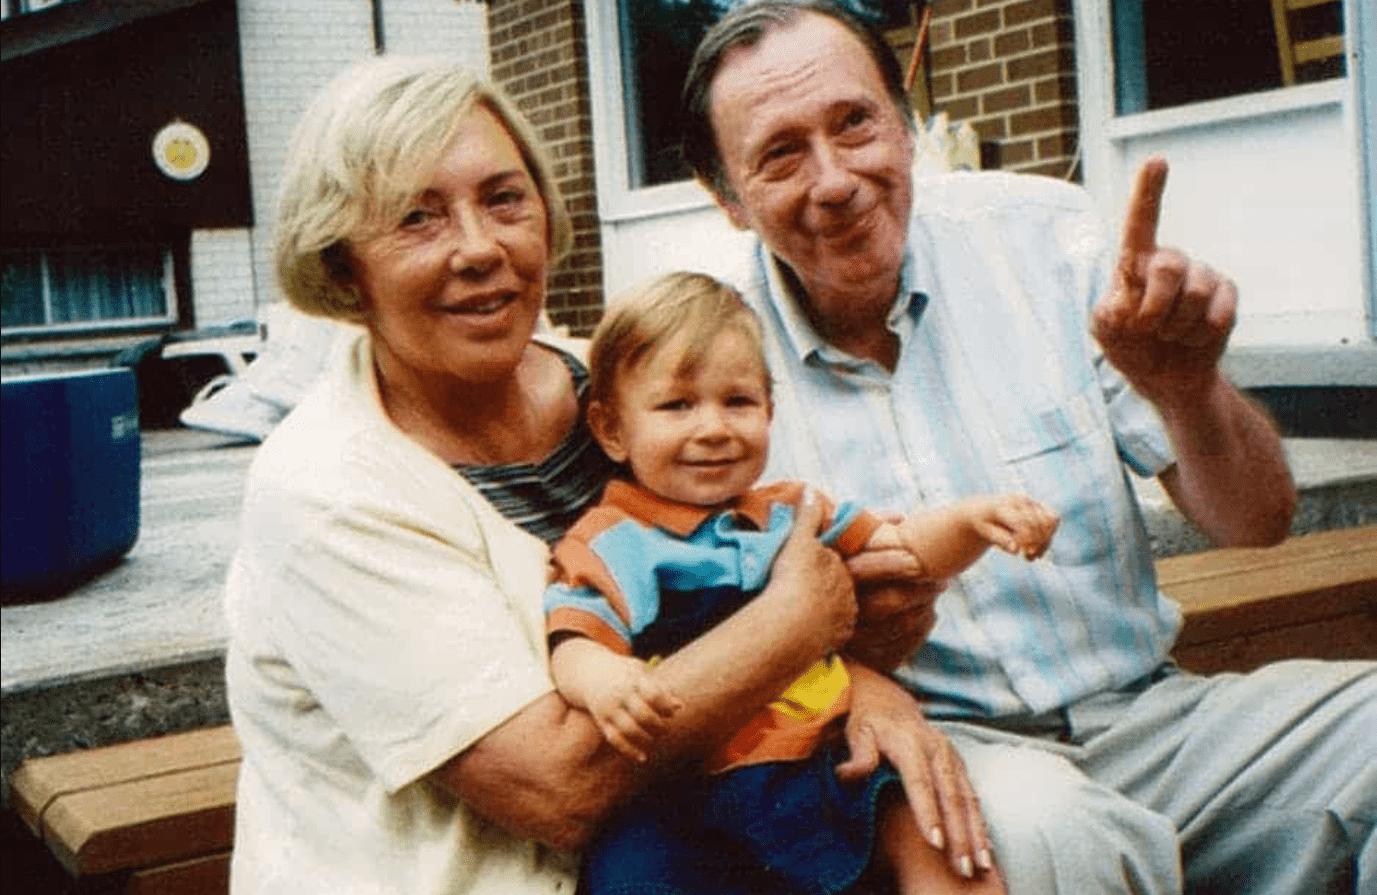 Foto mostra casal de idosos, sentados com uma criança no colo.